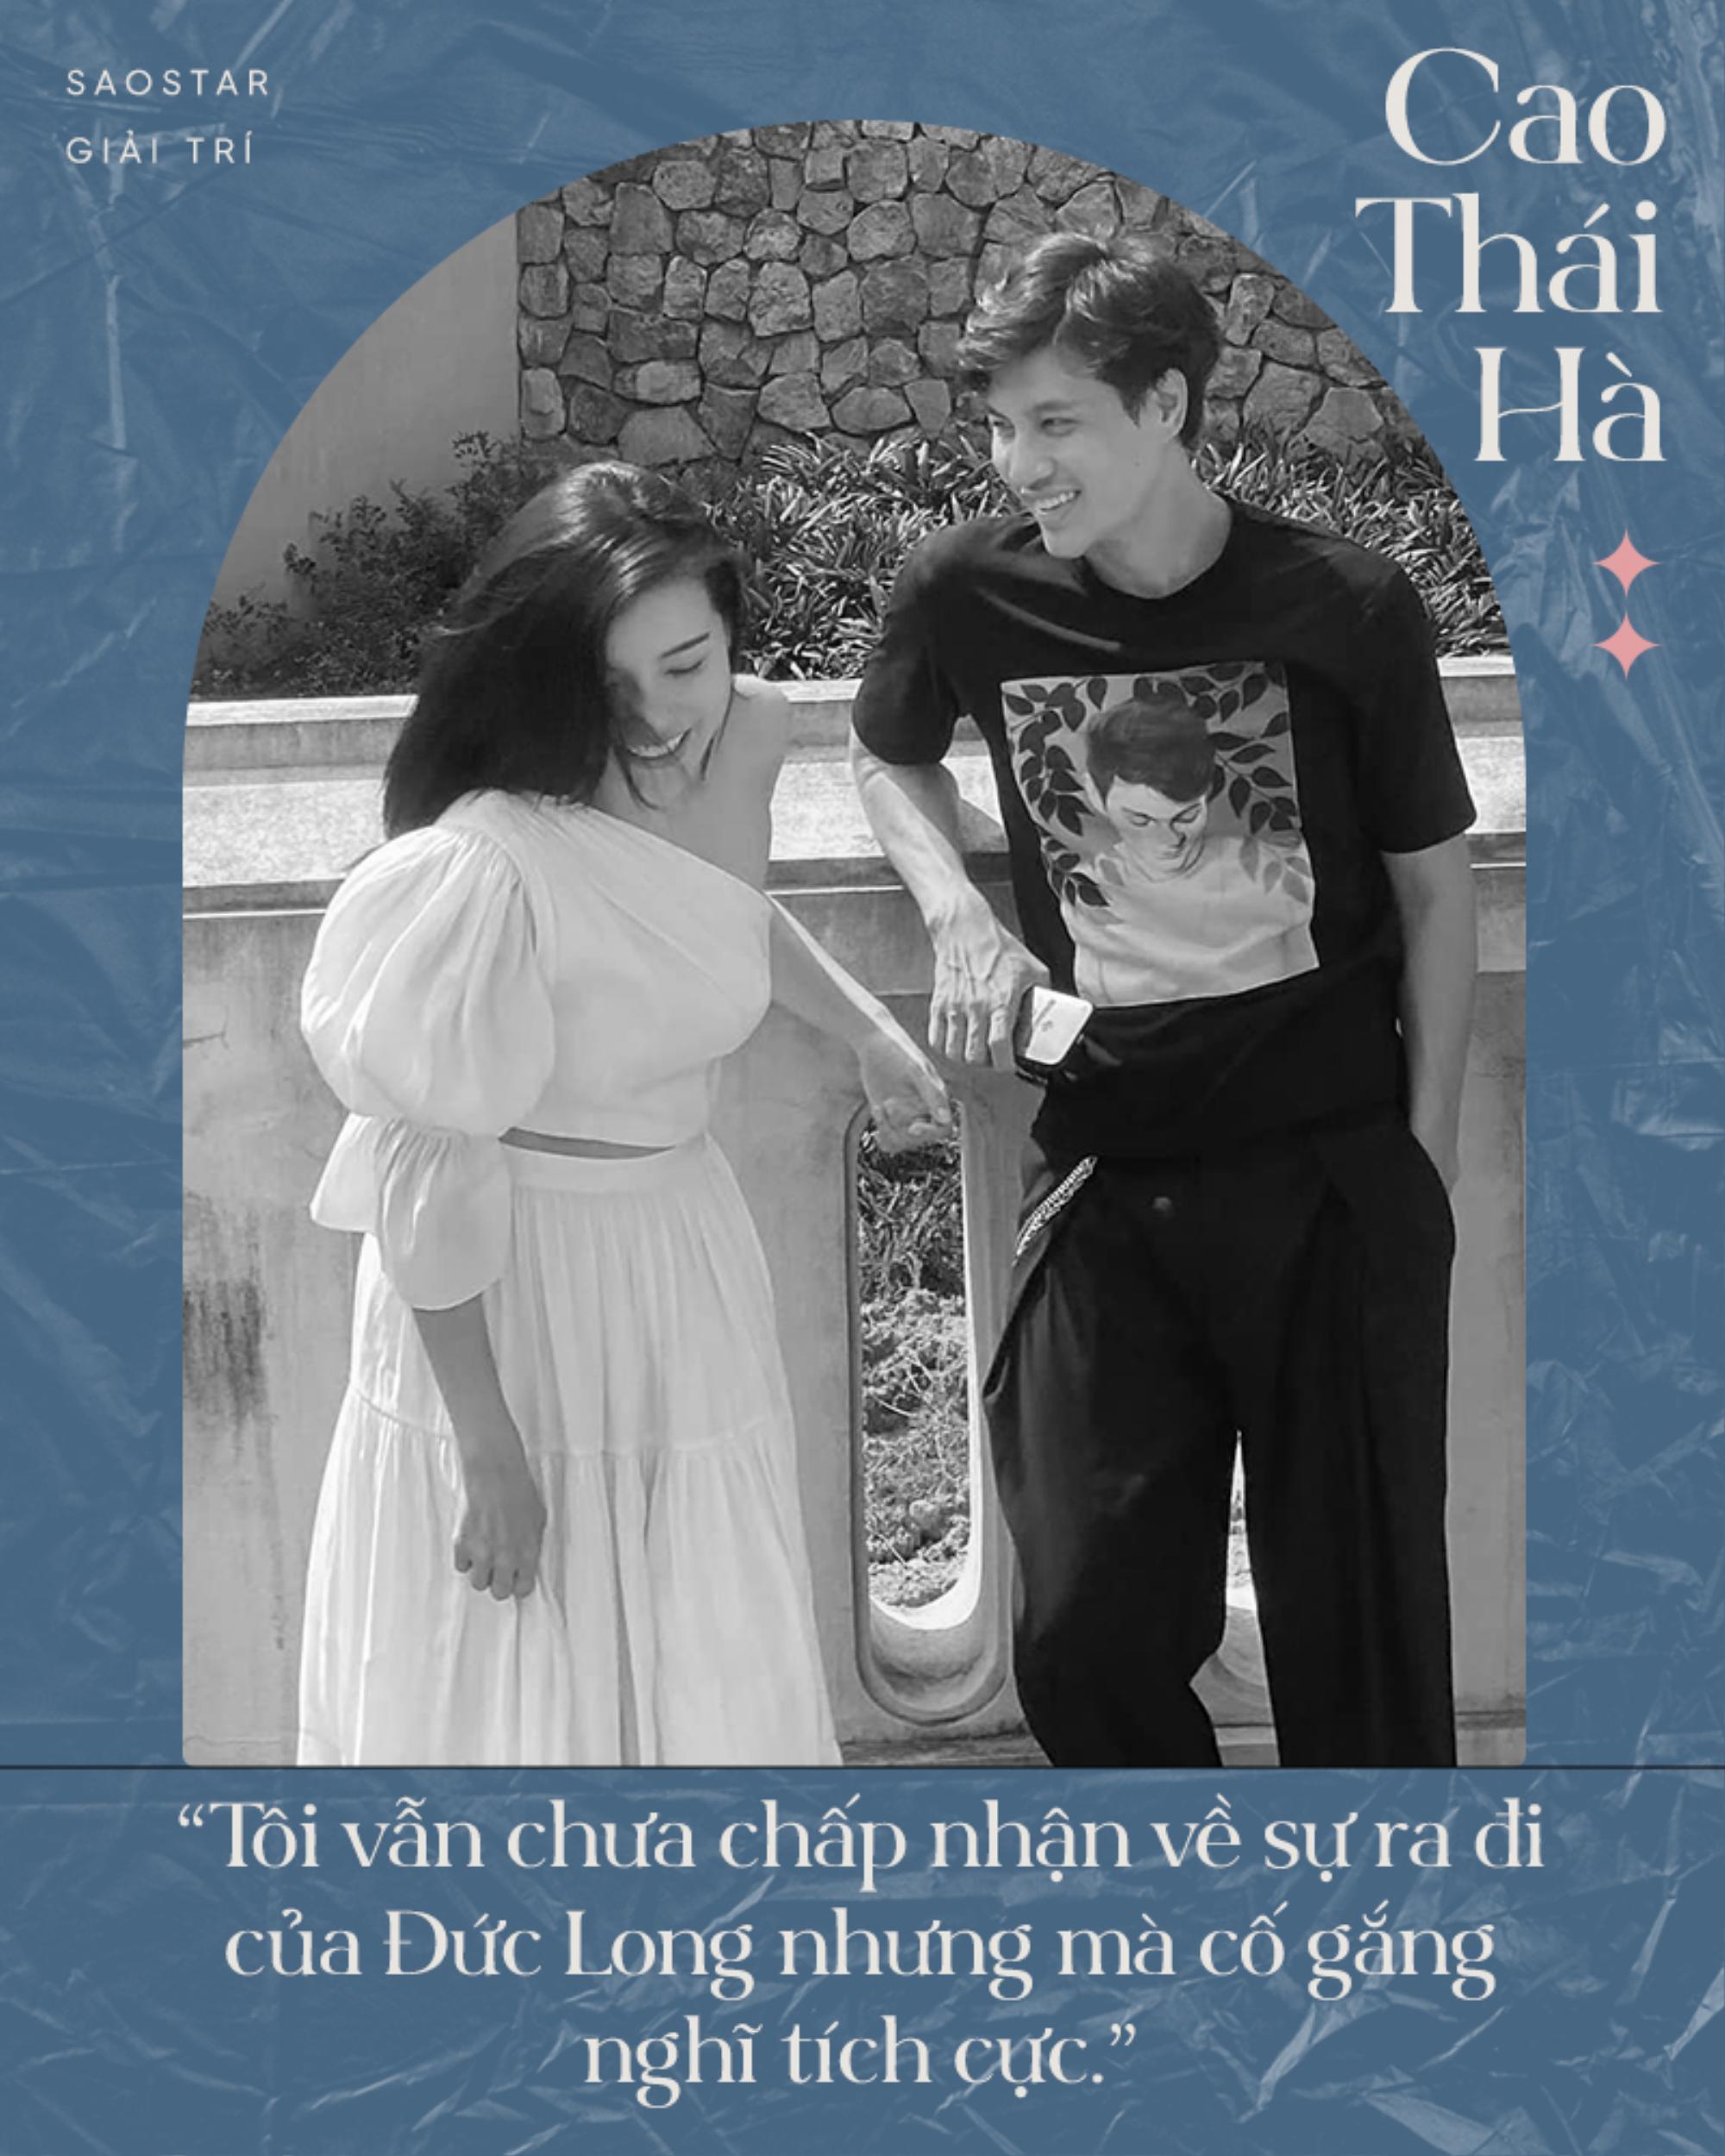 Cao Thái Hà: Chưa từng nghĩ phải vượt qua nỗi đau mất người thân, chọn sống tích cực để đối diện mọi thứ Ảnh 5